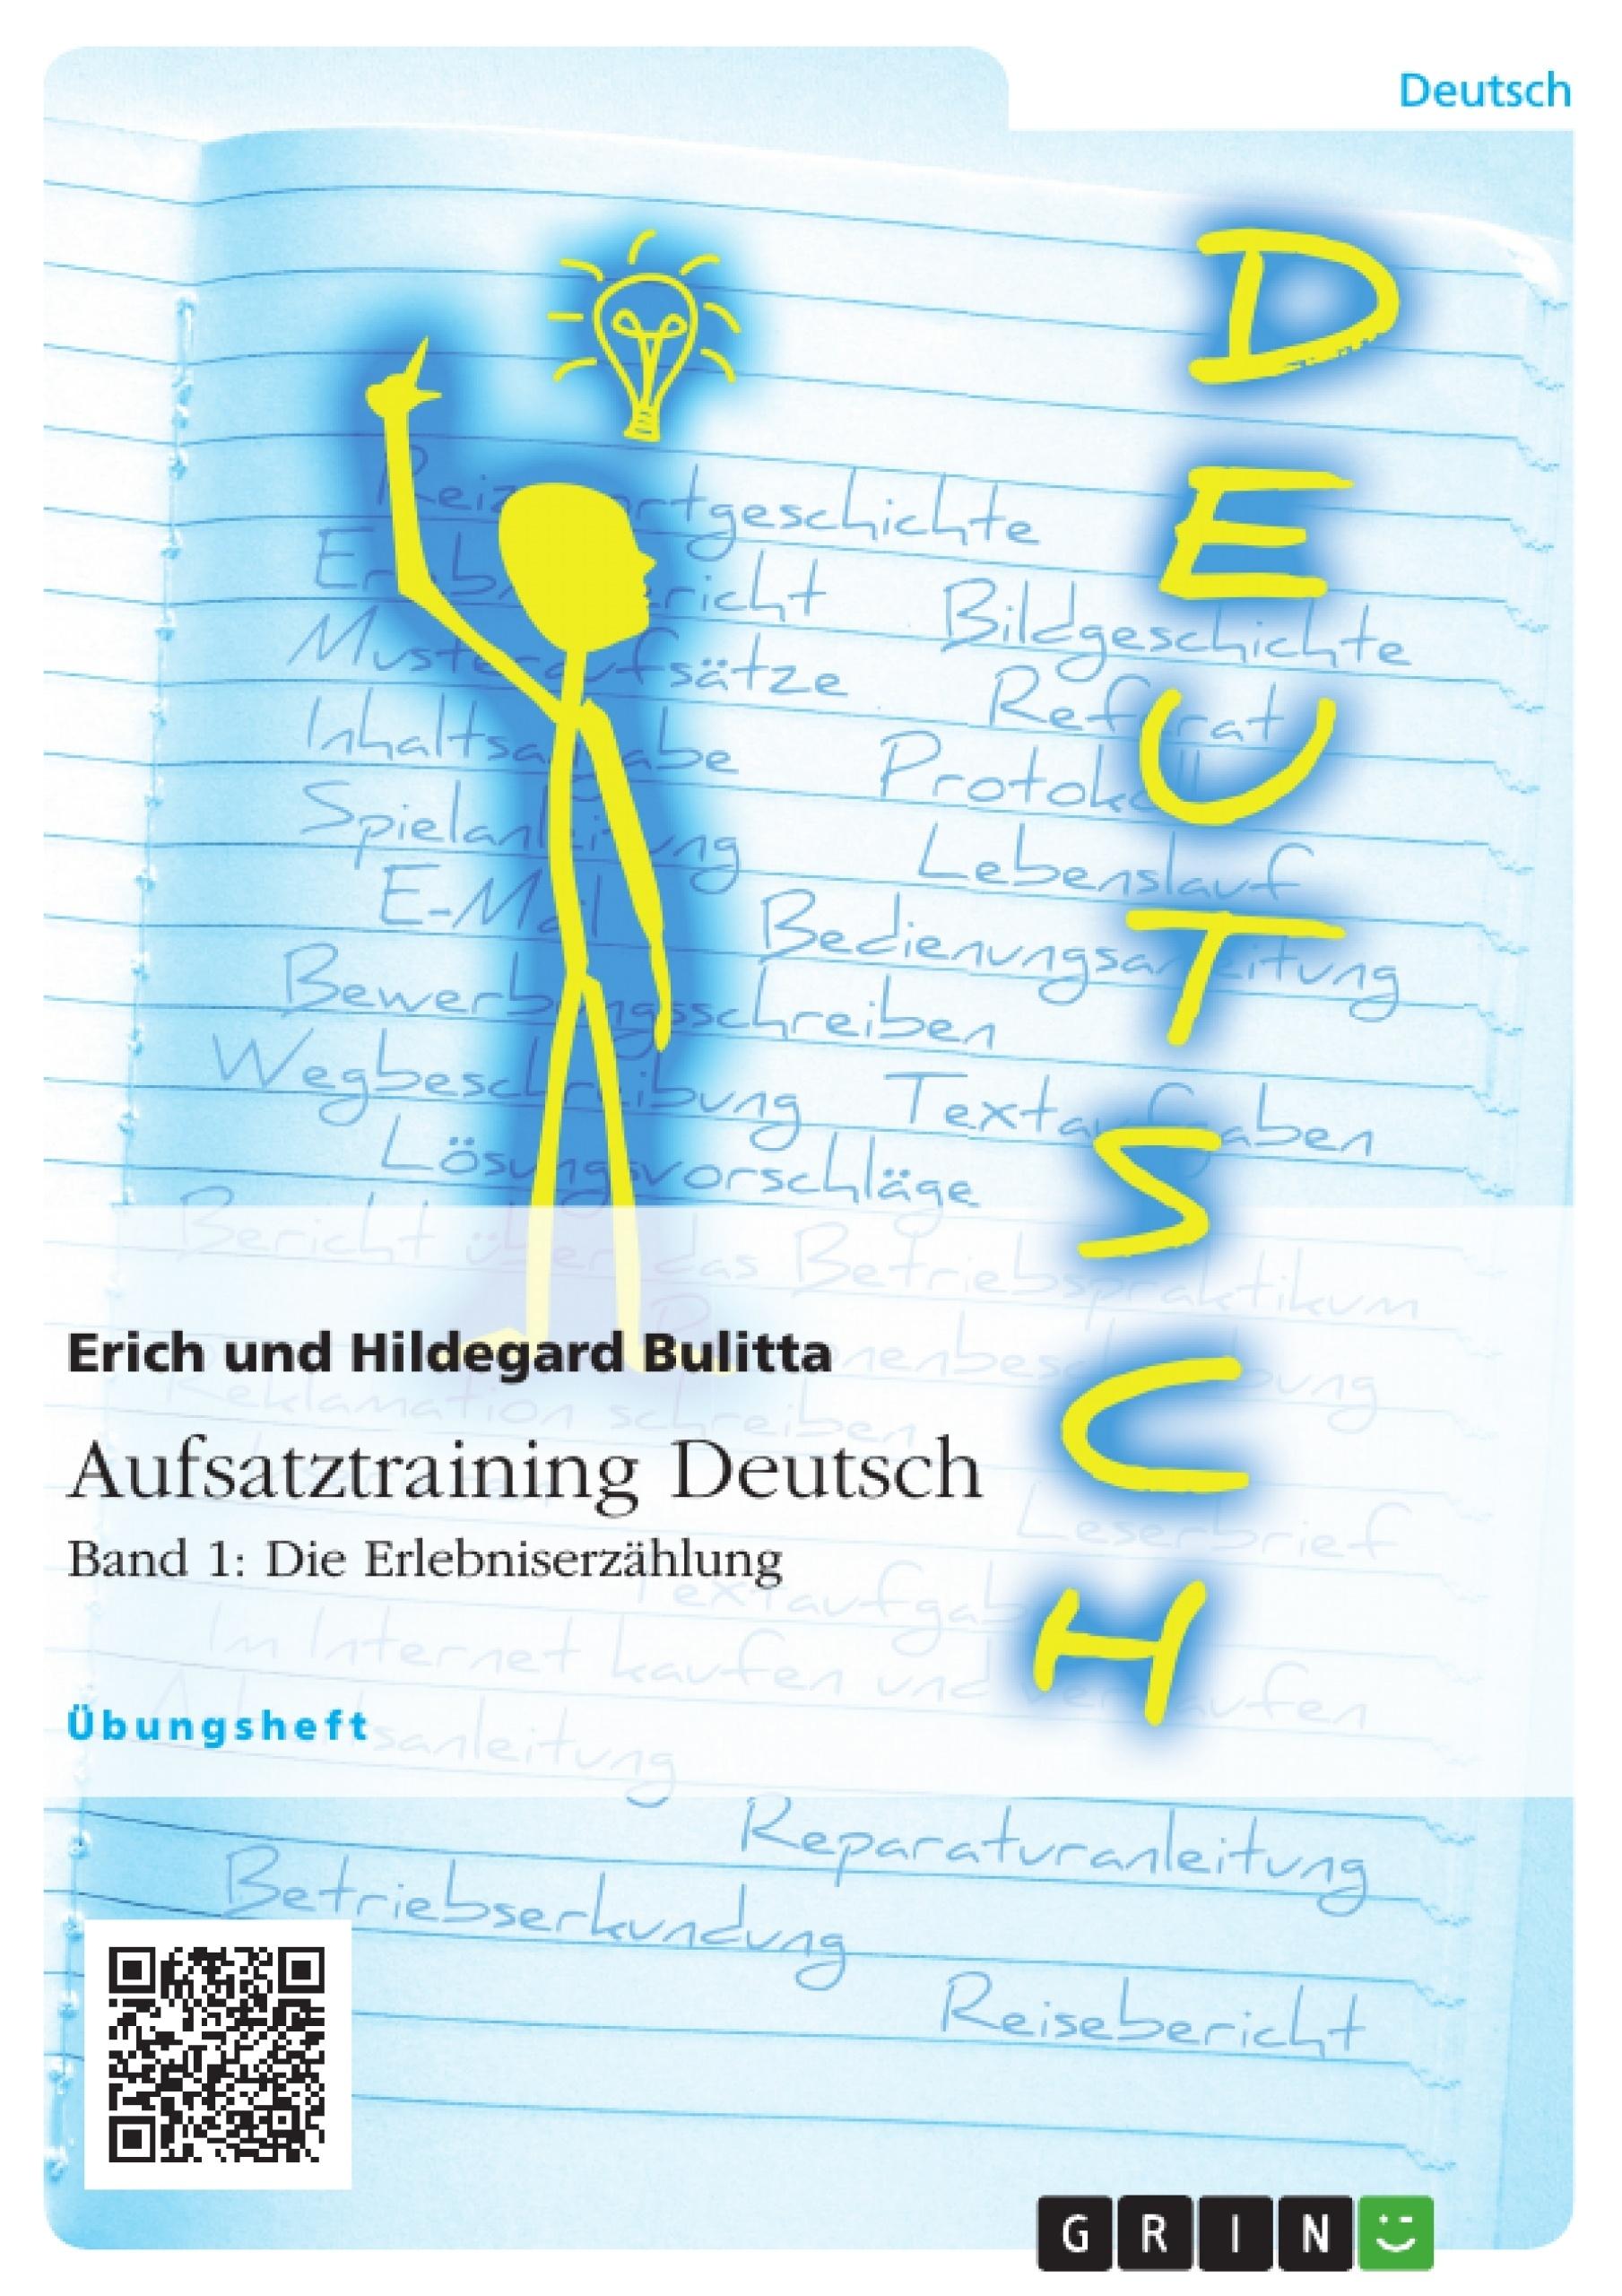 Titel: Aufsatztraining Deutsch - Band 1: Die Erlebniserzählung